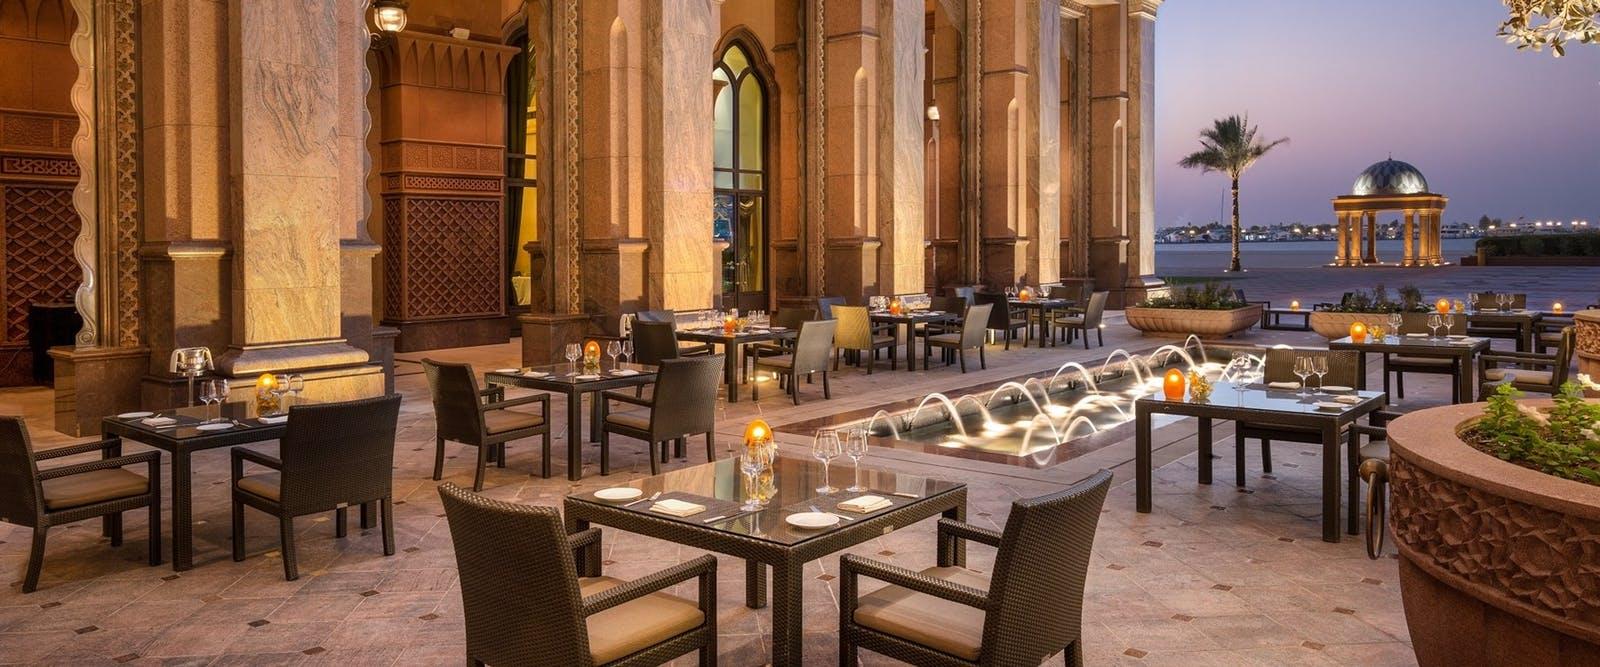 Emirates Palace, Abu Dhabi - Mandarin Oriental - kosher food resaurants